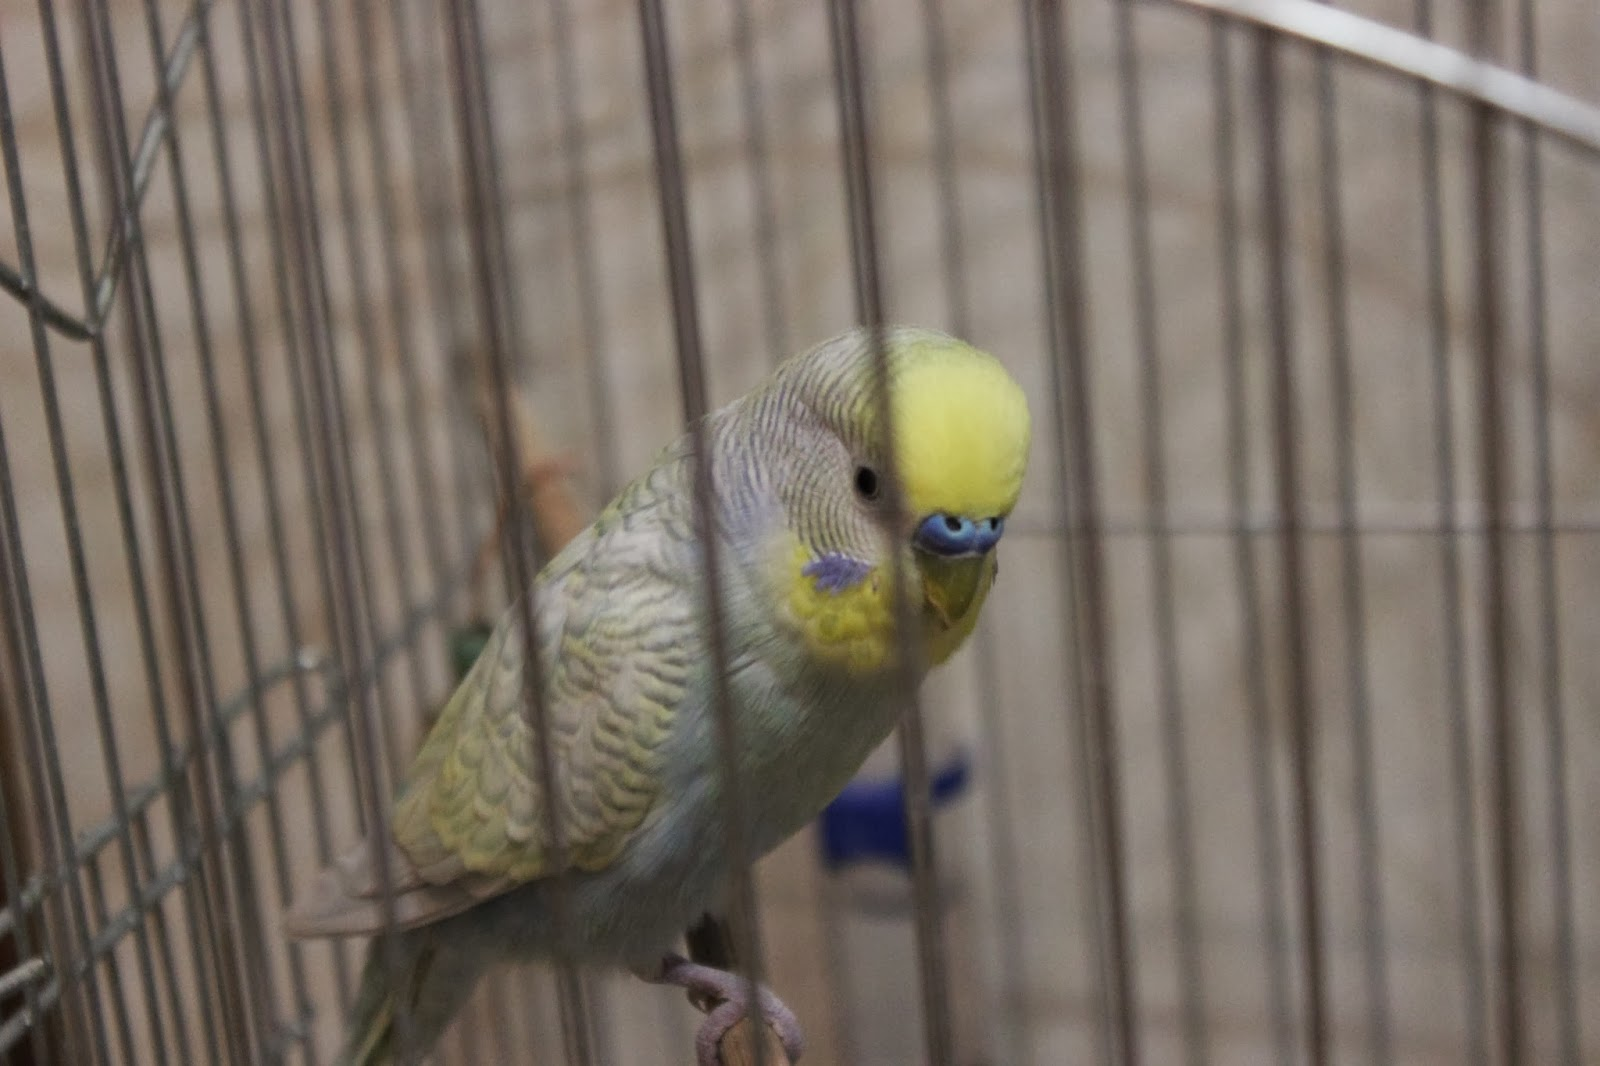 волнистики, волнистый попугайчик, домашние птицы, попугай, говорящий попугай